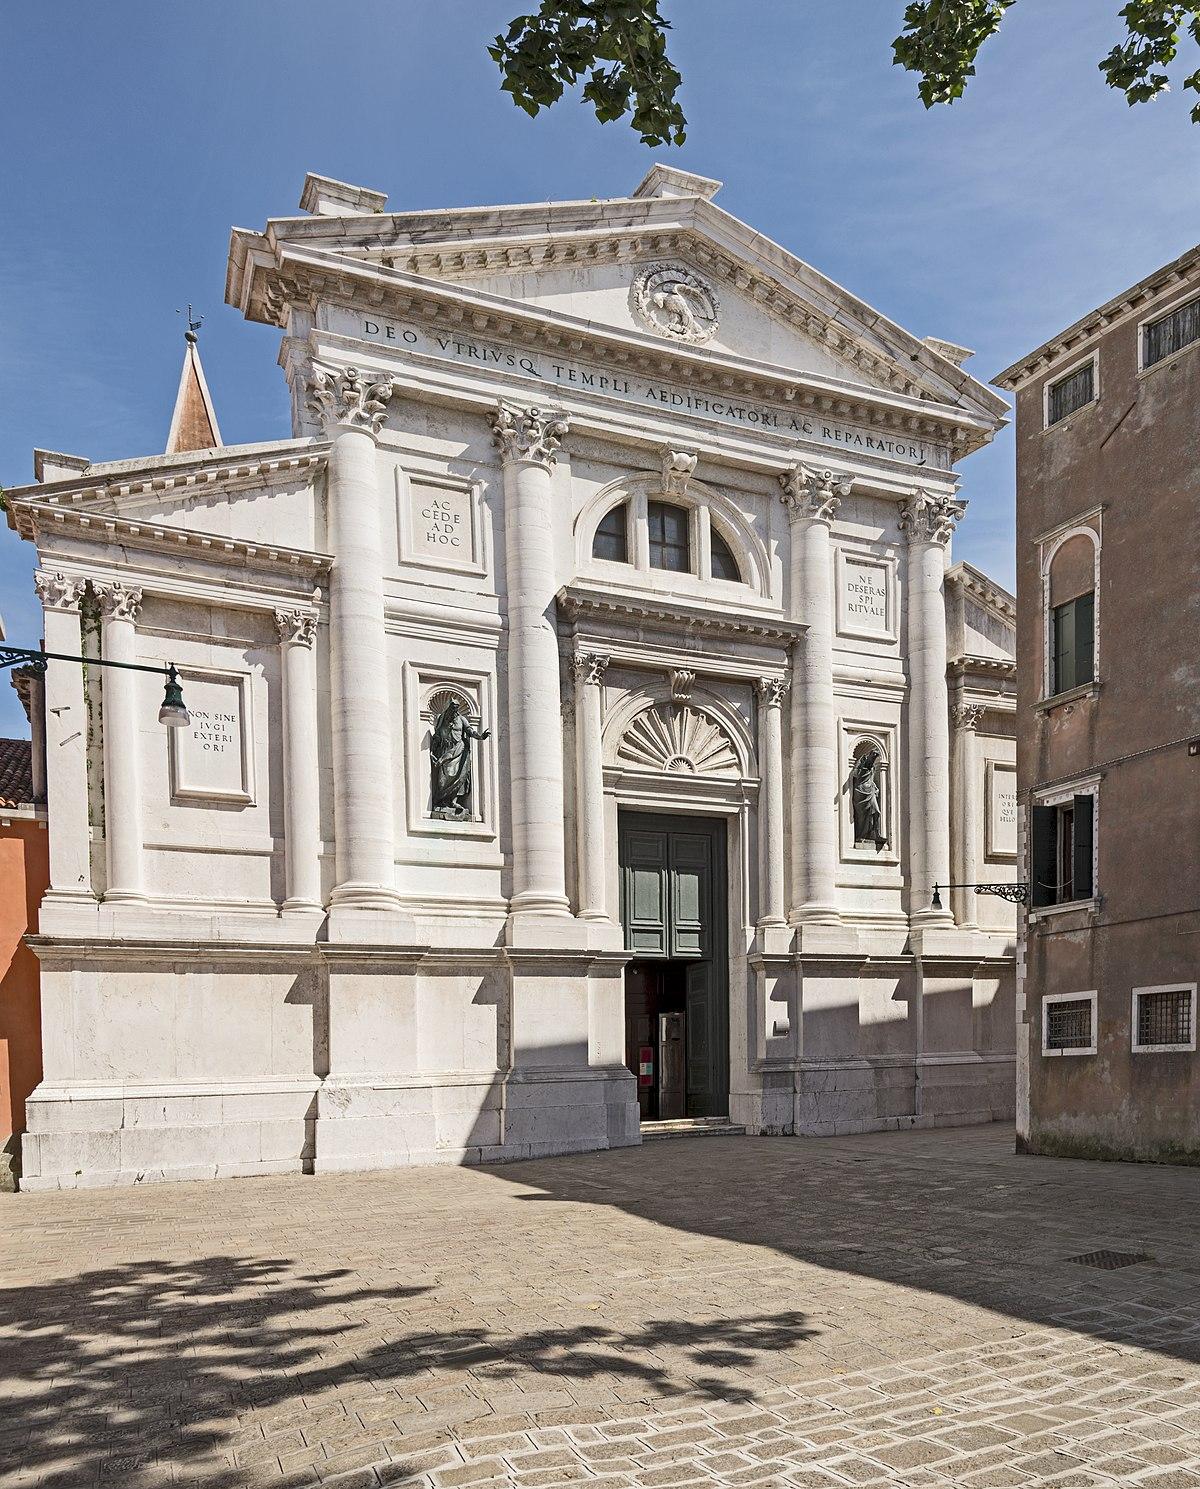 Iglesia de San Francesco della Vigna - Wikipedia, la enciclopedia libre